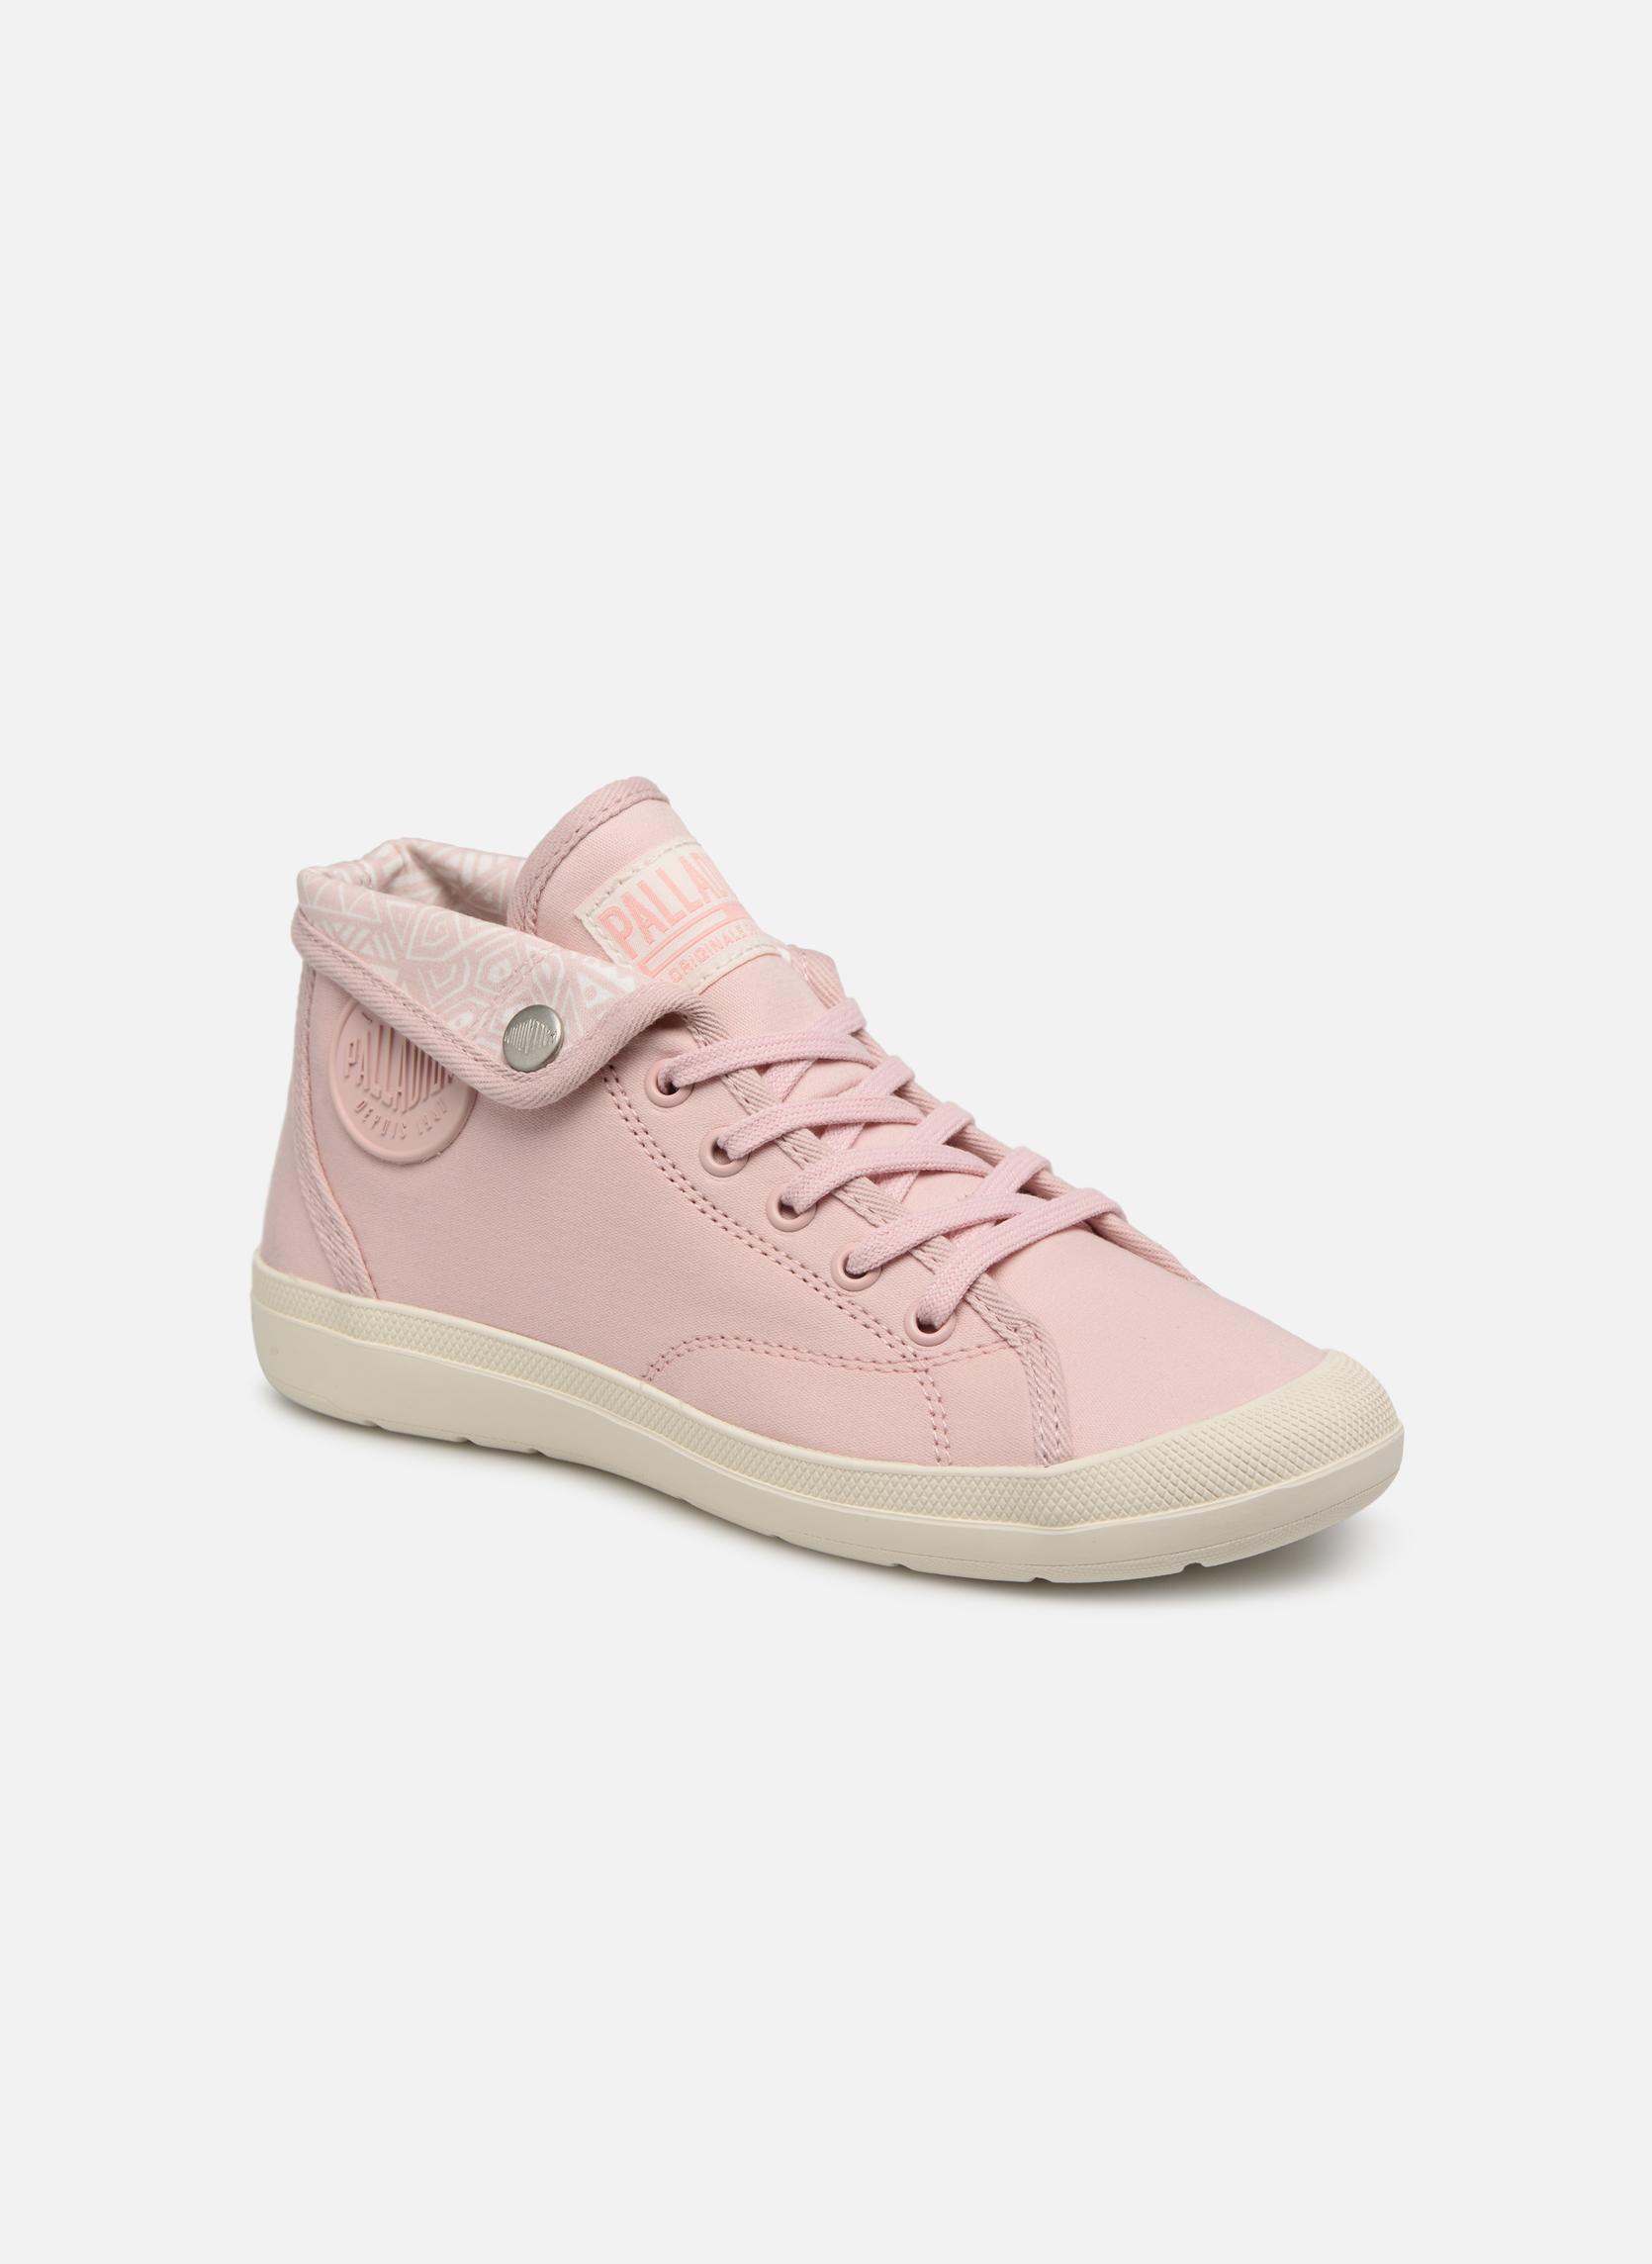 ZapatosPalladium Aventure F (Rosa) Los - Deportivas   Los (Rosa) últimos zapatos de descuento para hombres y mujeres c37ff8